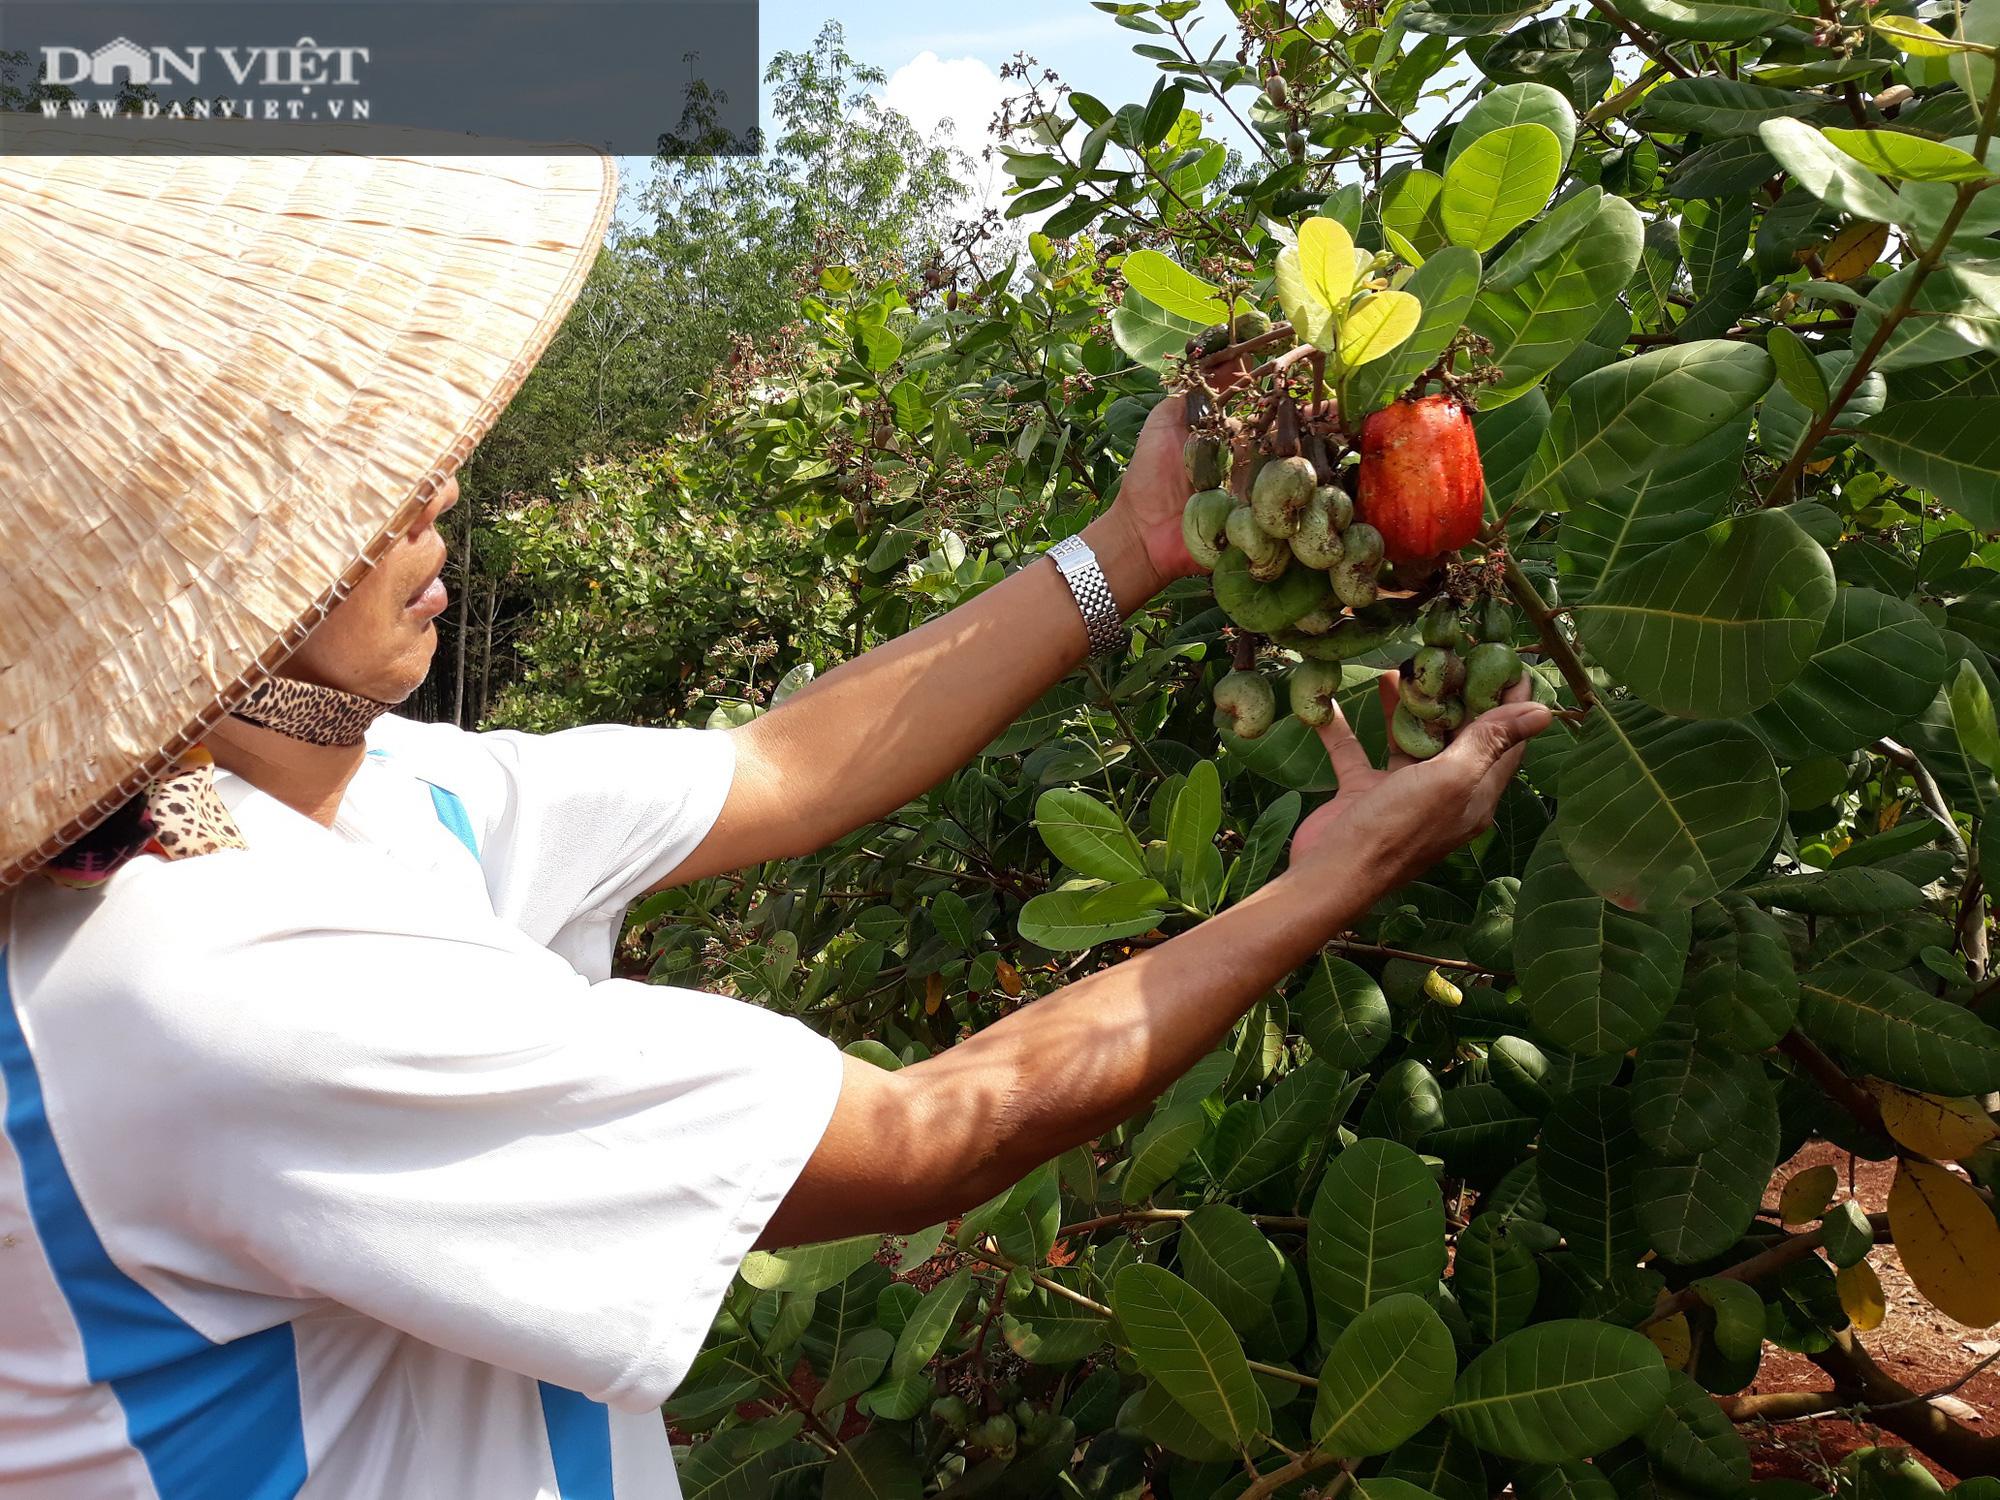 binh phuoc  nong dan thang to vu dieu la rung xuong khong vut di gom lai u muc cho cay   8221 an  8221